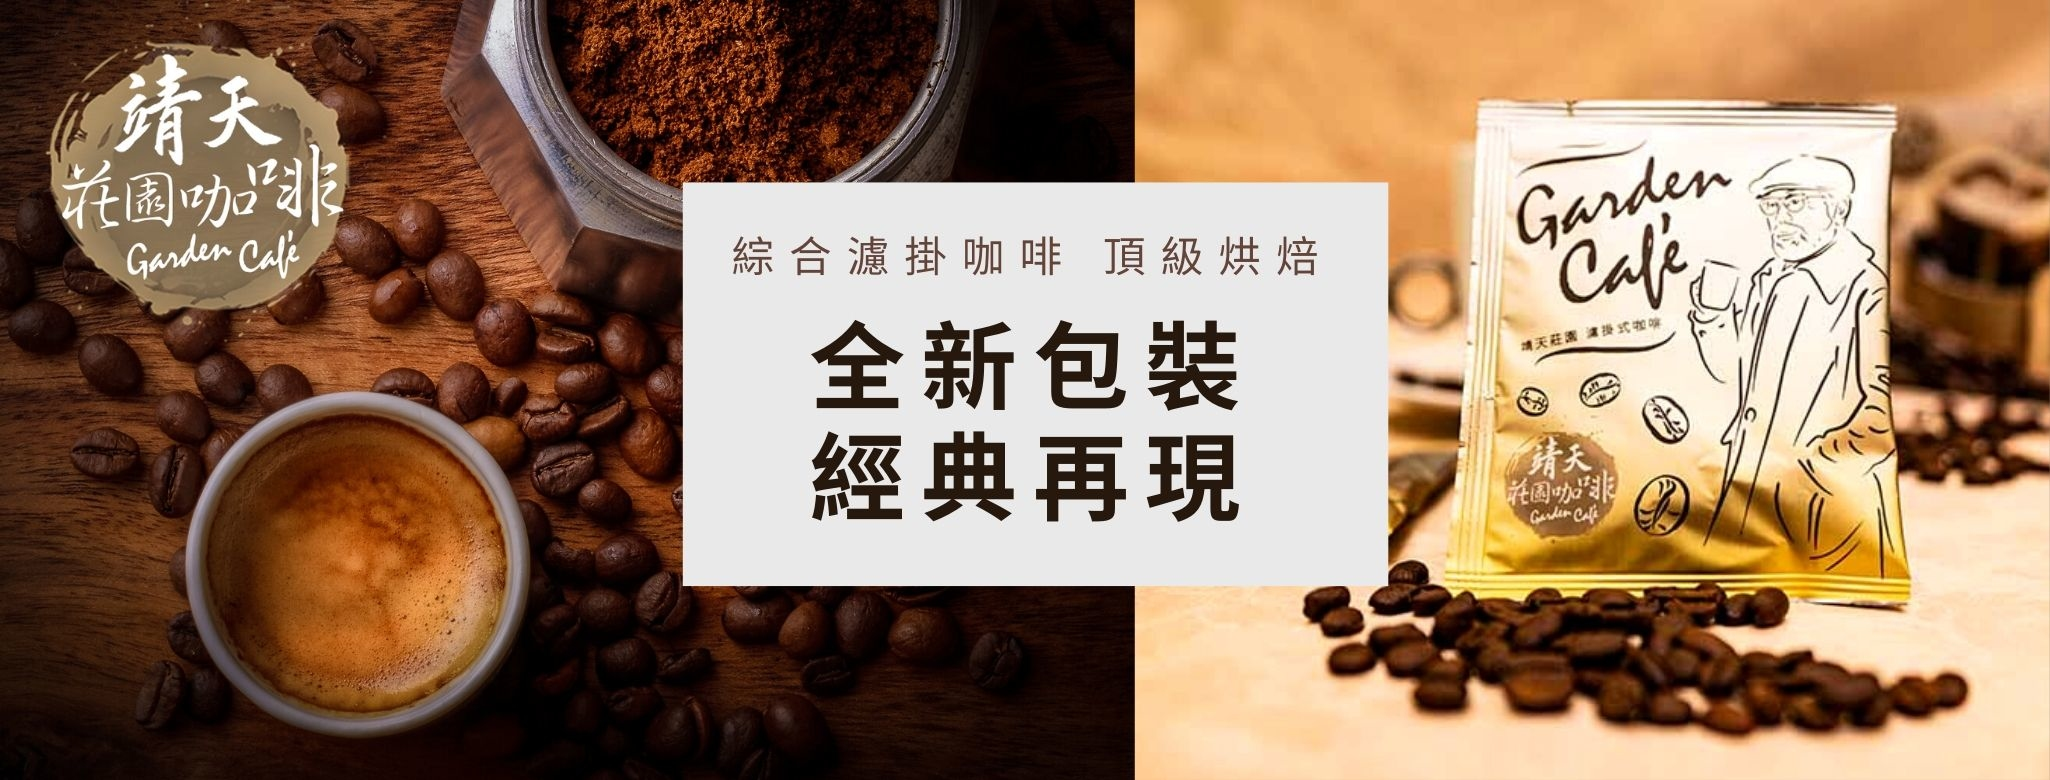 靖天購物百貨首頁_靖天莊園咖啡 頂級烘焙-濾掛式咖啡2.0版